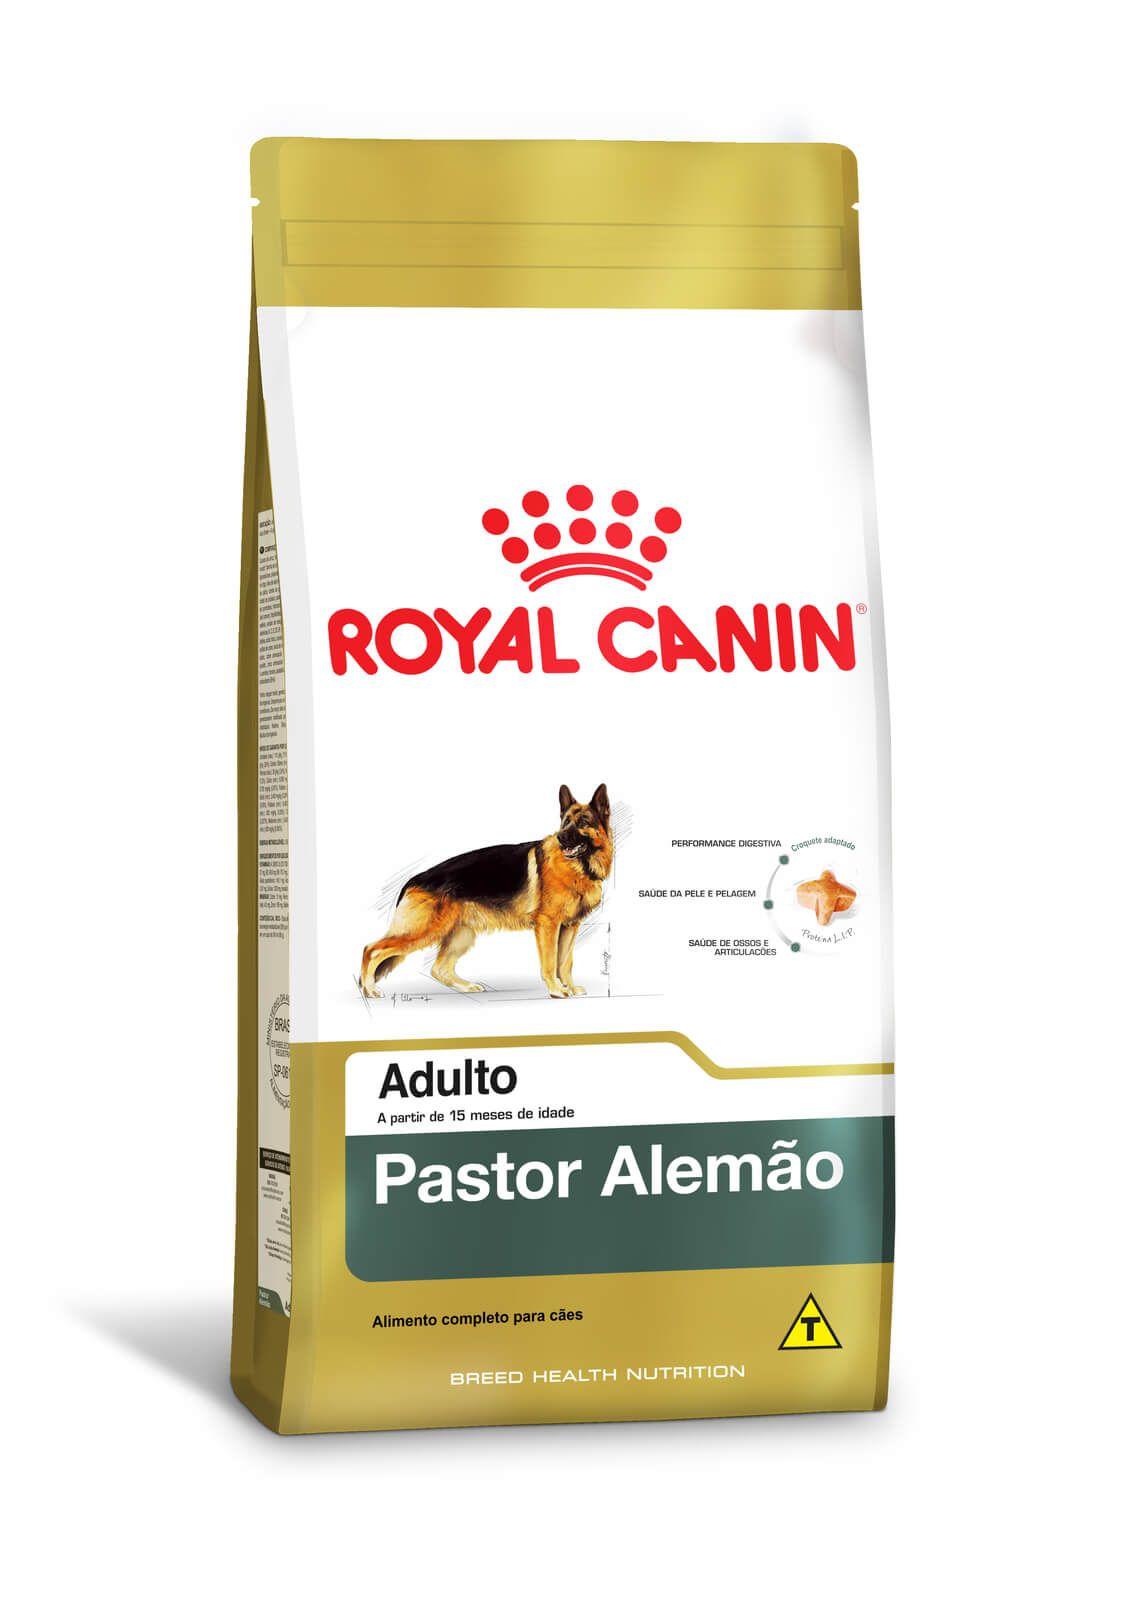 Ração Royal Canin Pastor Alemão Adult 12kg